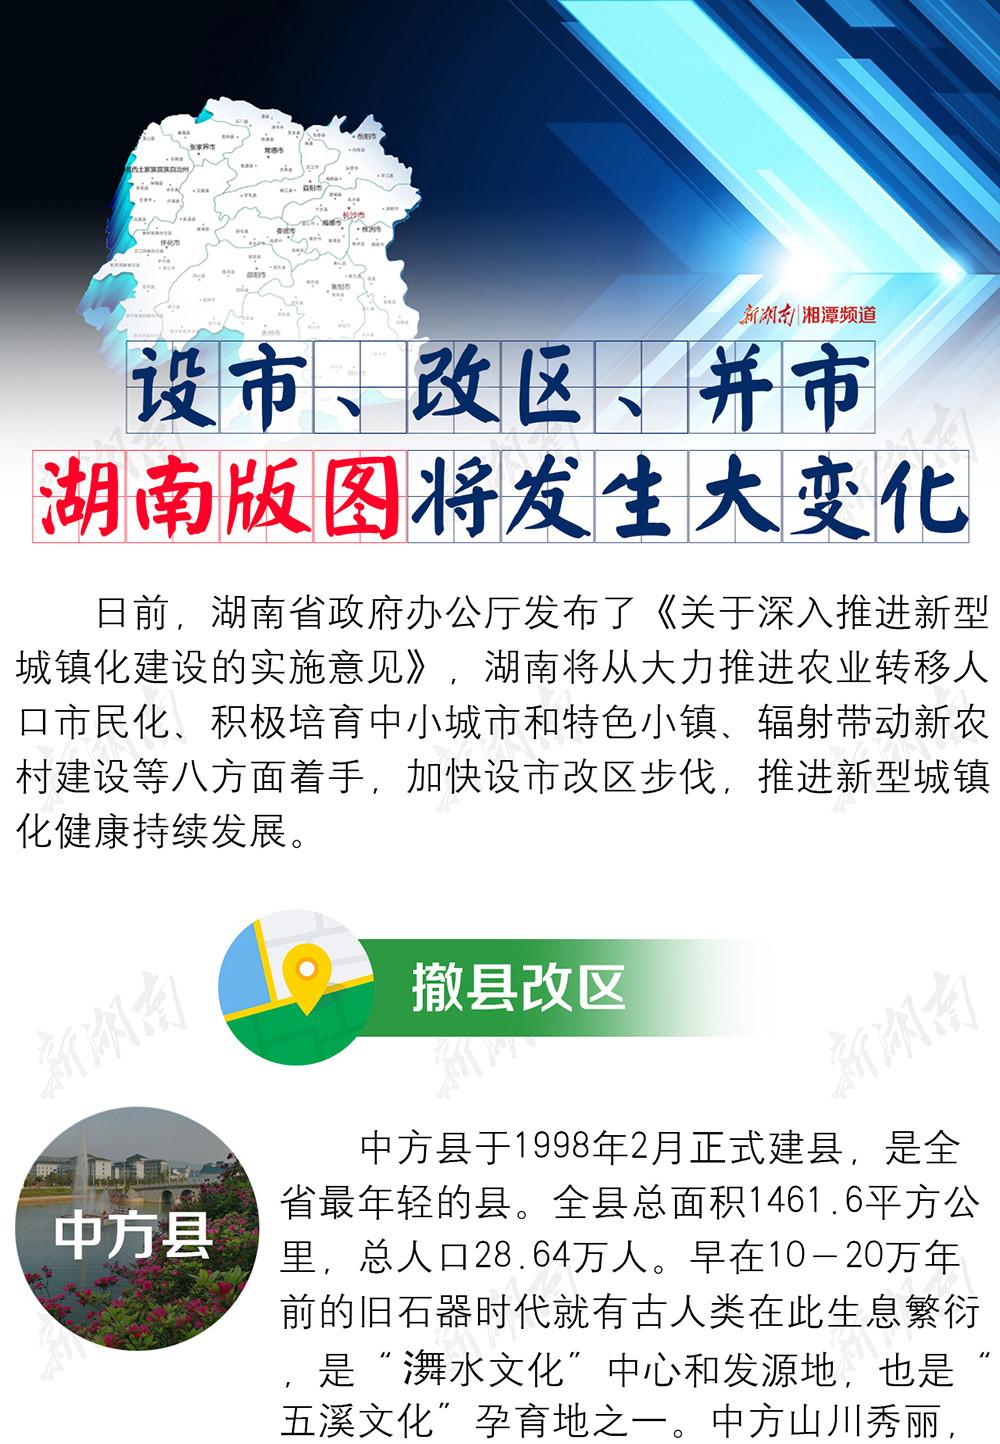 湖南版图将发生大变化:湘潭县有望撤县改区